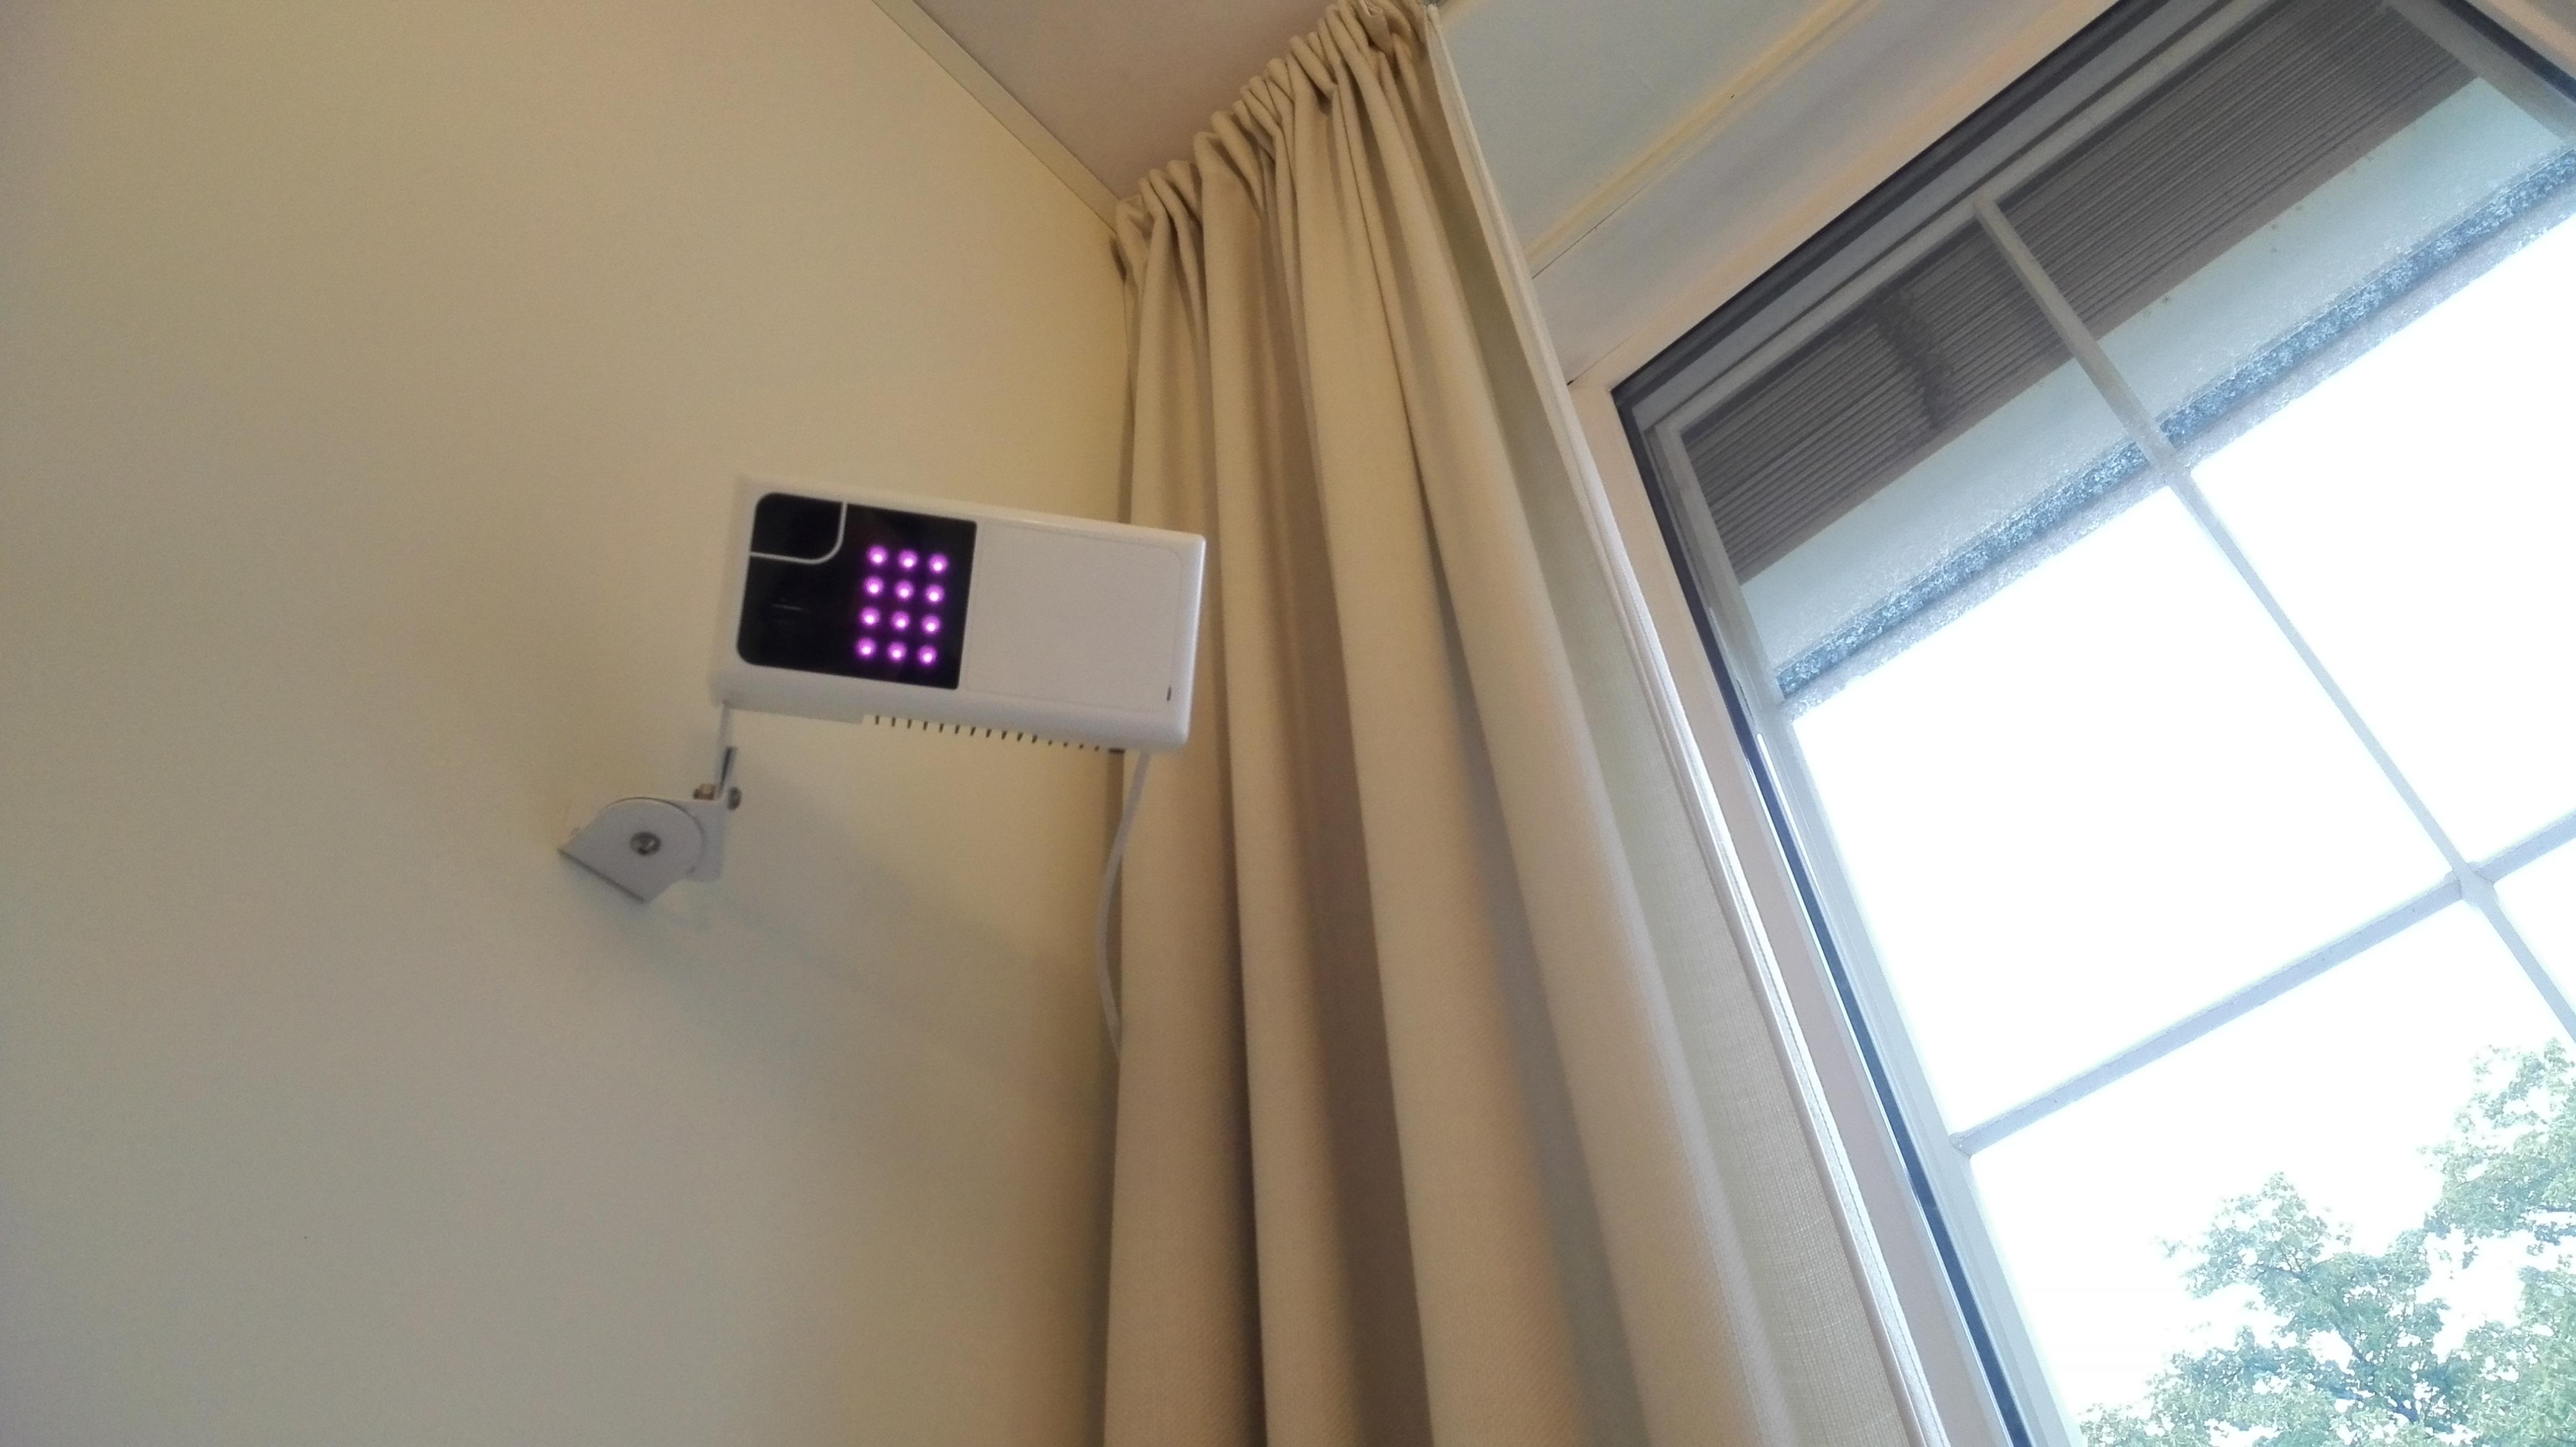 Anonymisert kamera som registrerer hvis du har falt på gulvet eller for eksempel gått ut av sengen og kan varsle noen om dette.